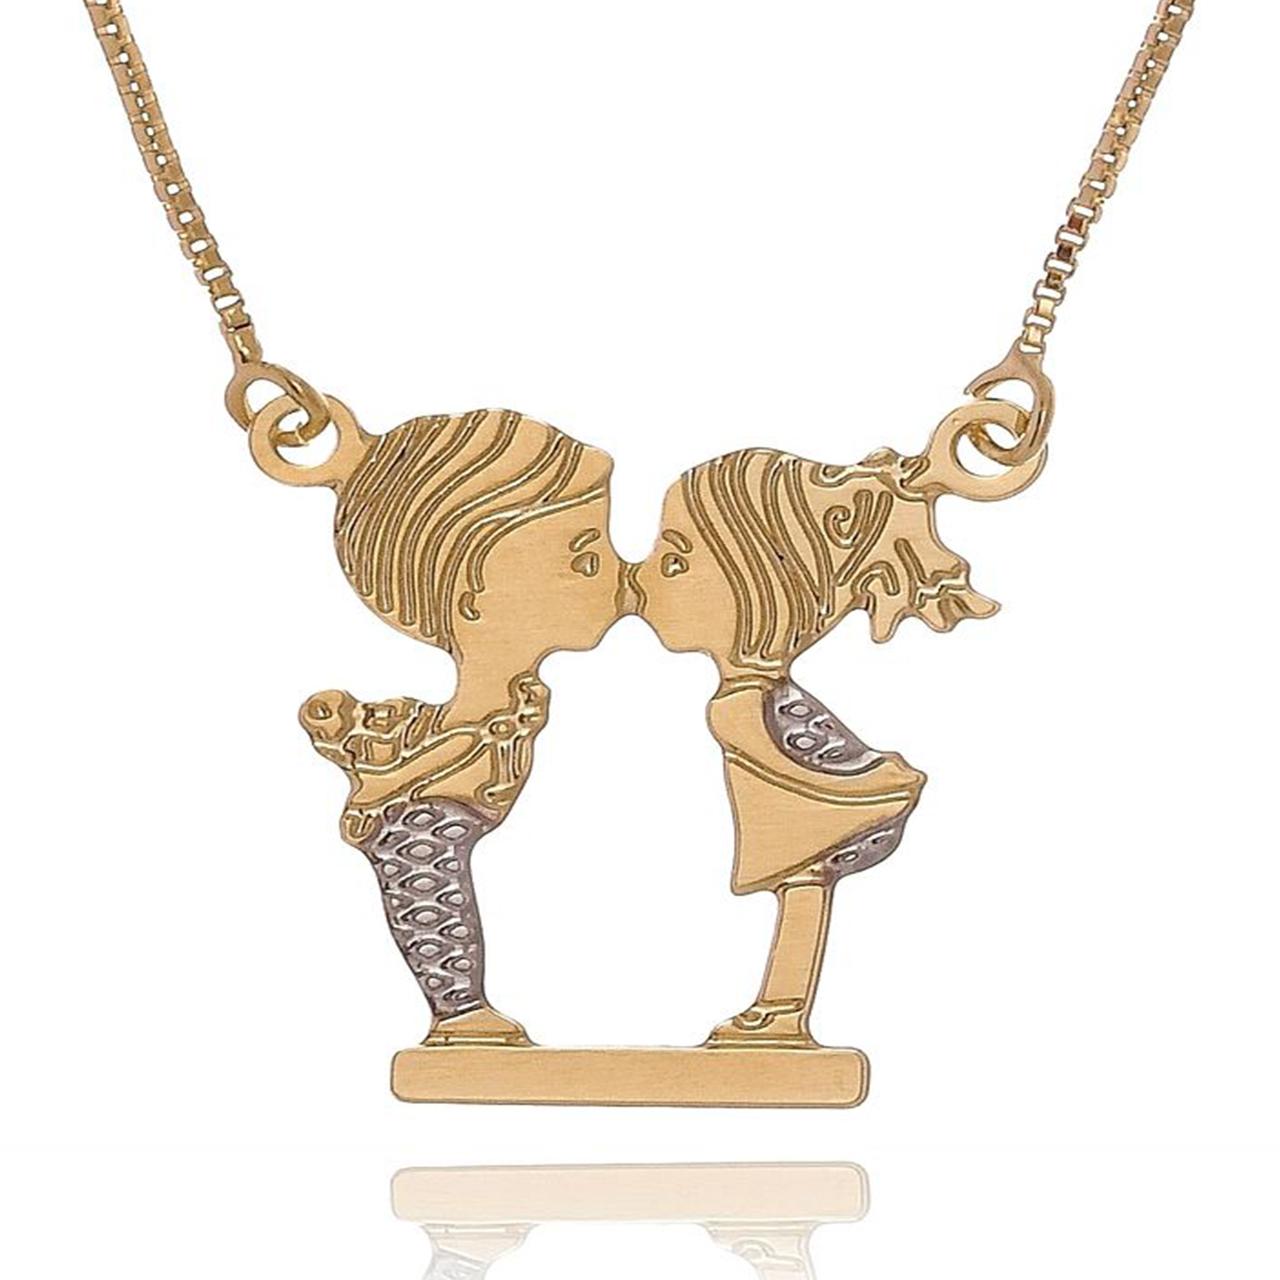 Colar Personalizado Bonequinhos se Beijando com Detalhes em Rodium e Folheado em Ouro 18K